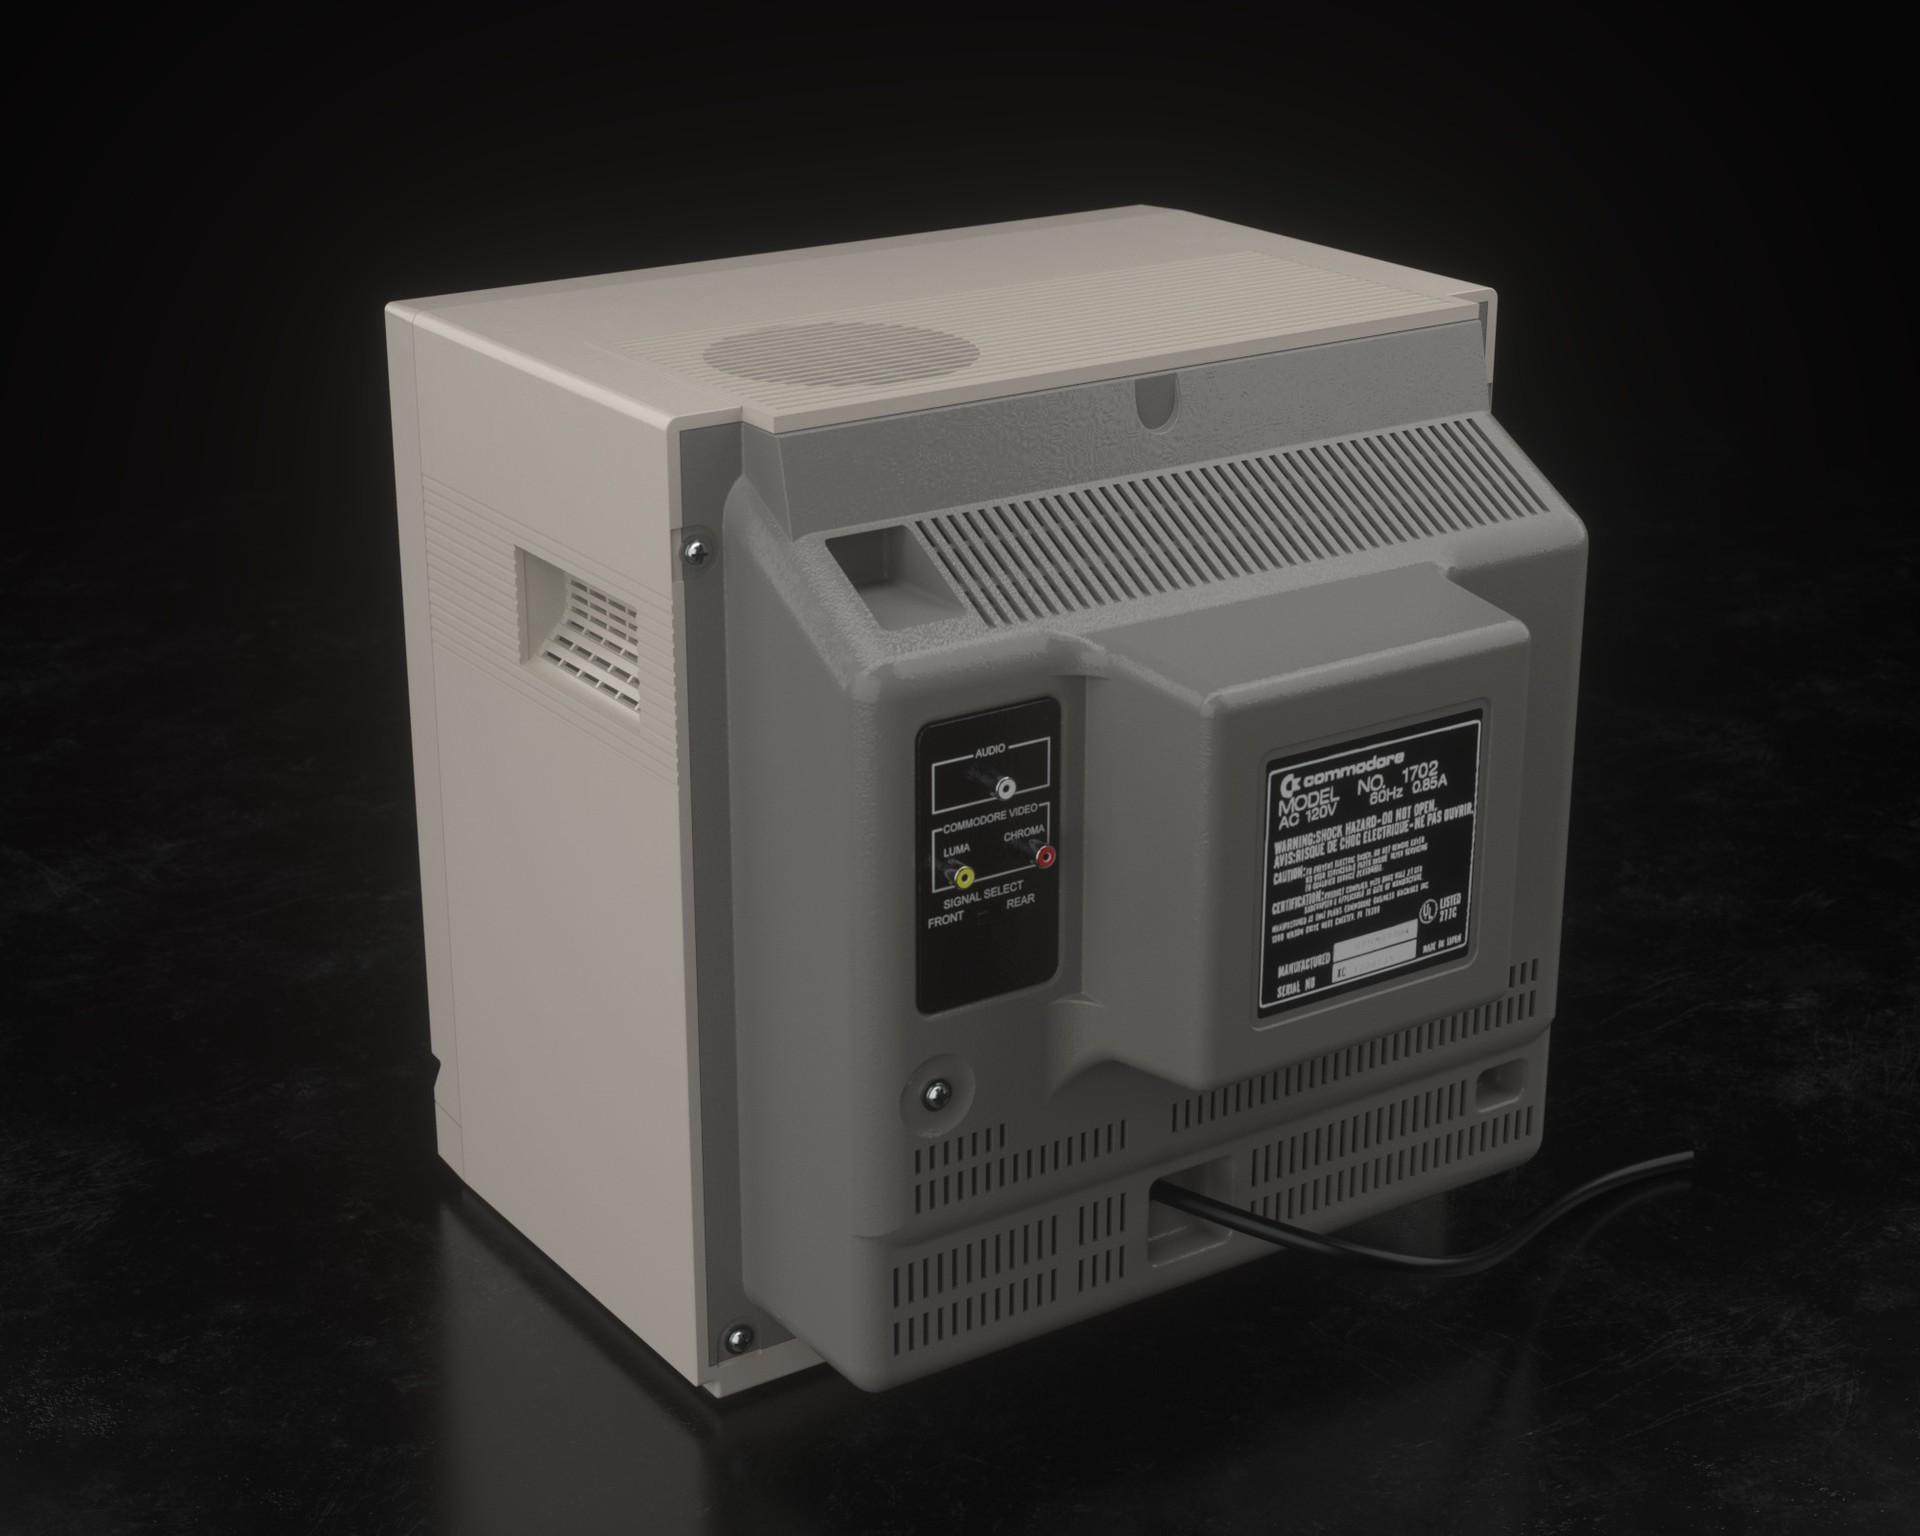 Cem tezcan c64 monitor 2 00003